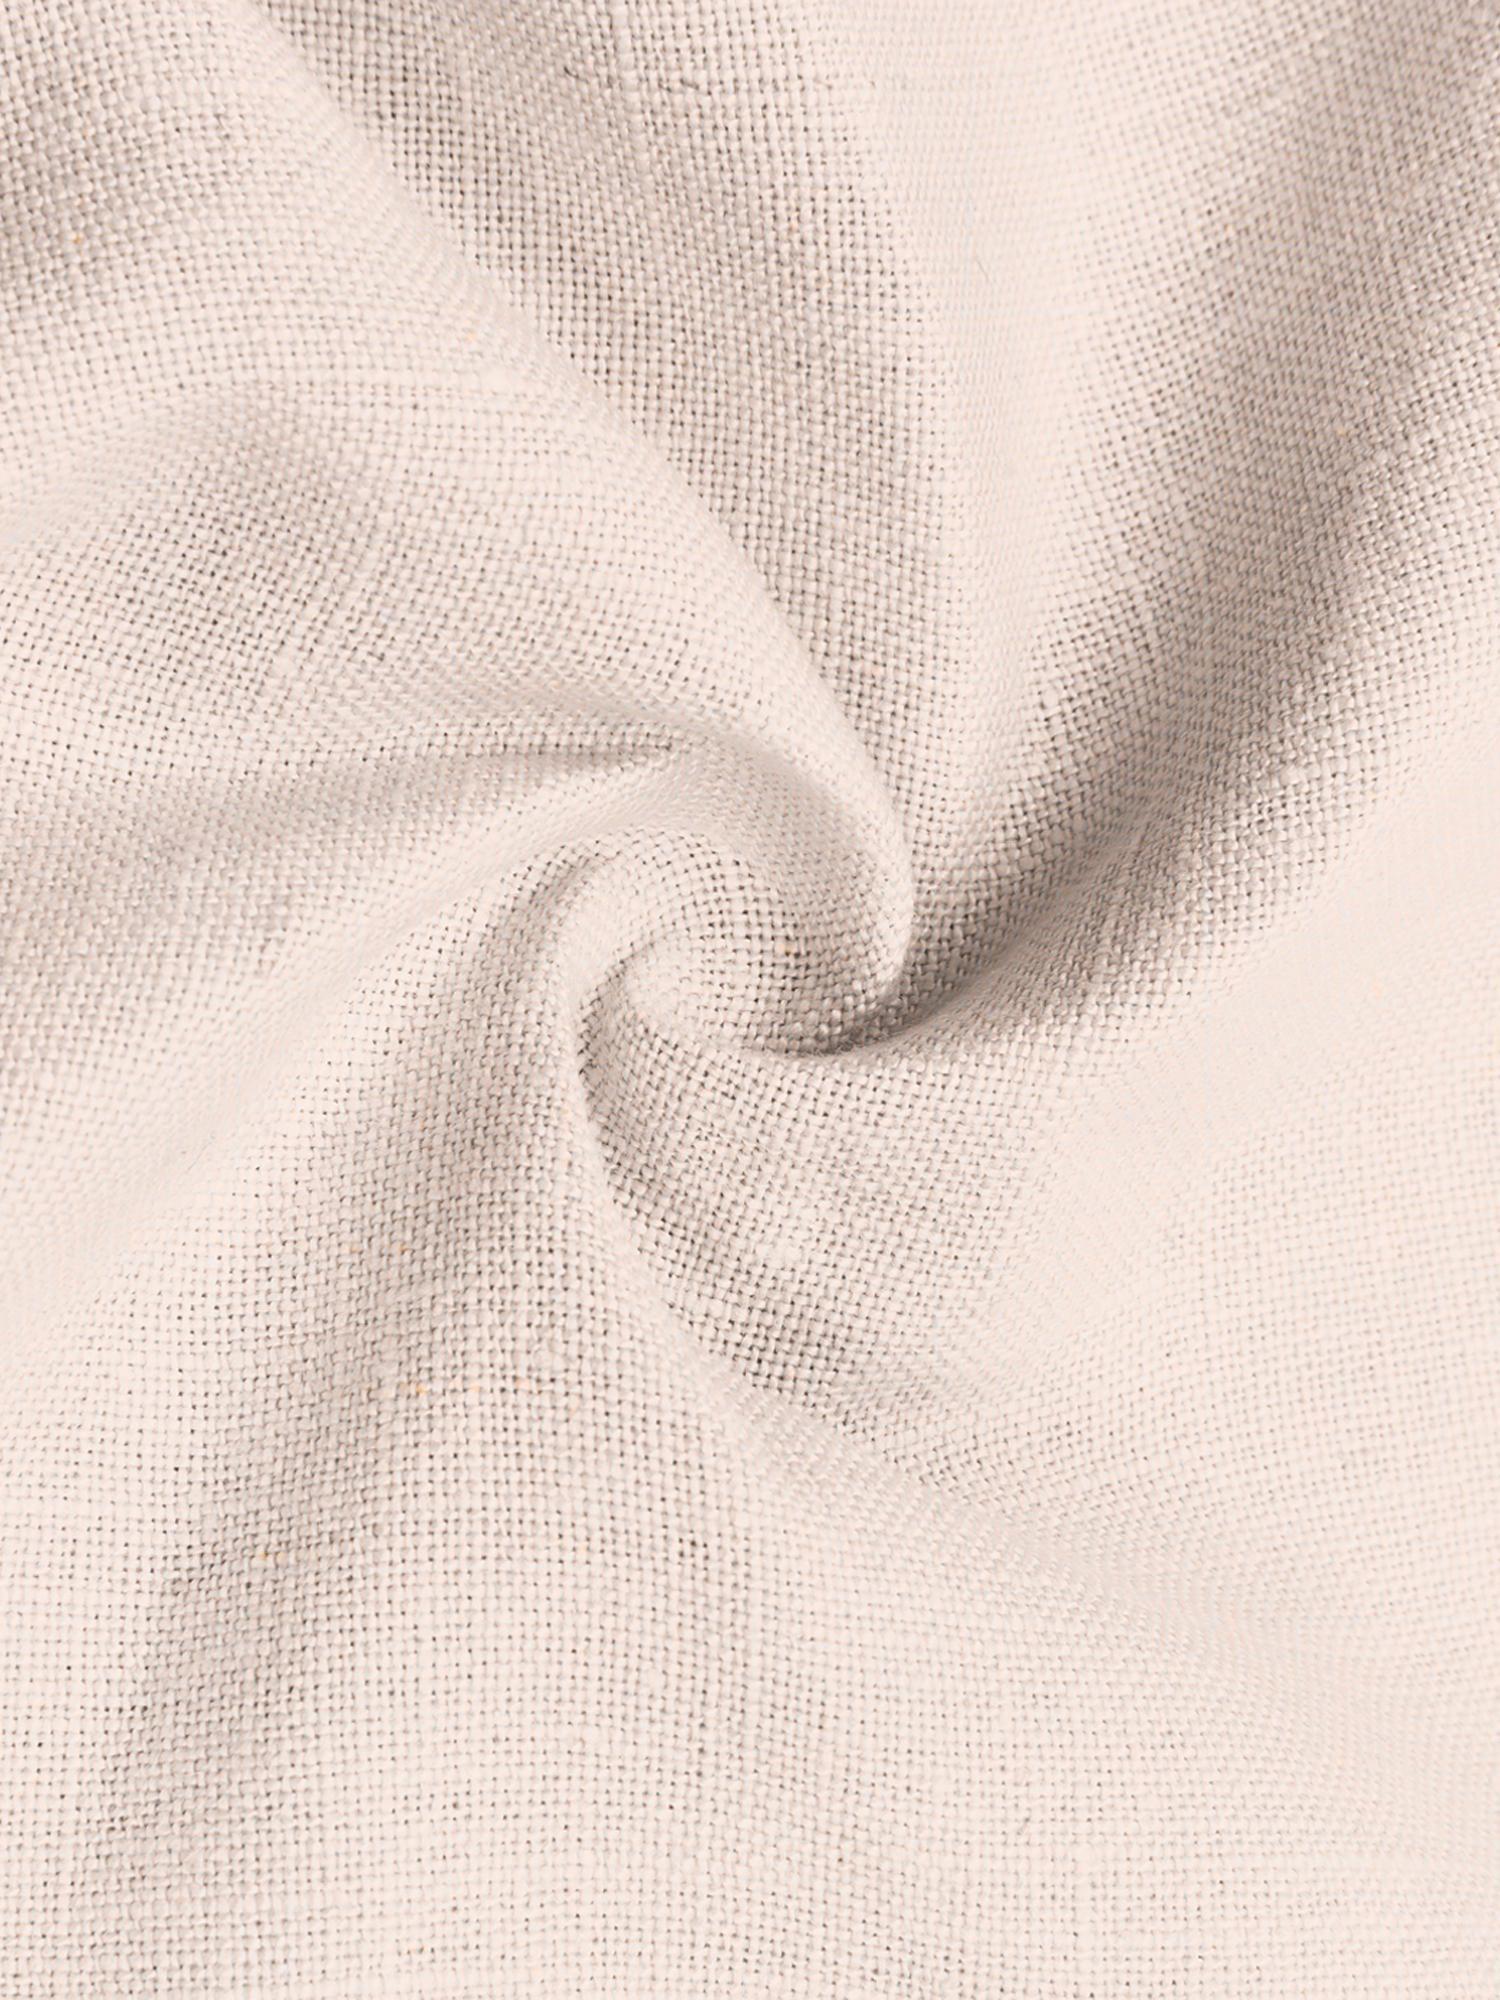 Funda de cojín de lino con flecos Luana, Lino, Melocotón, An 50 x L 50 cm